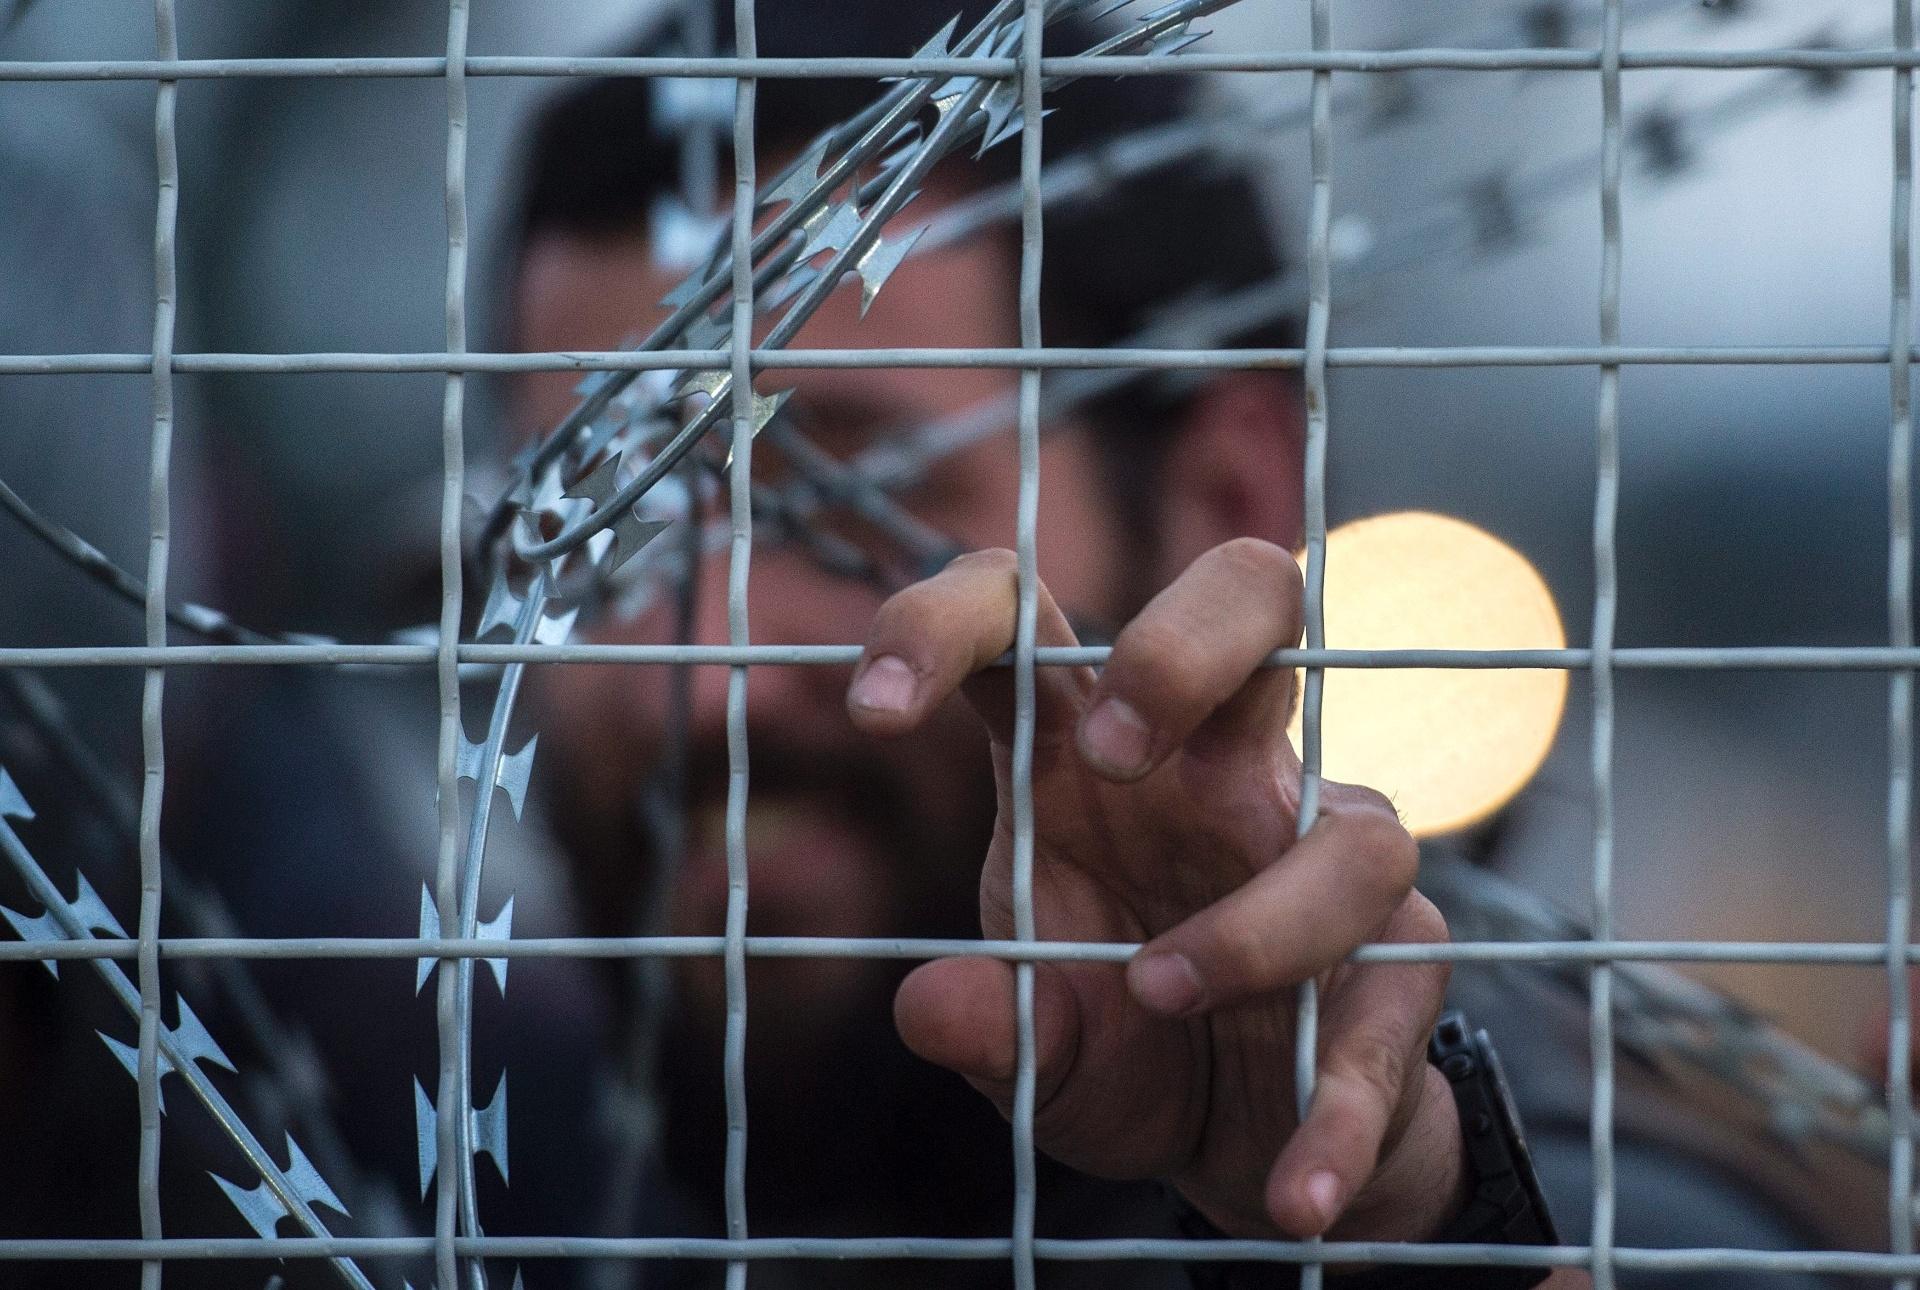 22.fev.2016 - Refugiado afegão se agarra à cerca de proteção com arame farpado na fronteira entre a Macedônia e a Grécia, próxima à cidade de Gevgelija. O Ministério de Relações Exteriores da Macedônia informou que só é liberada a passagem de